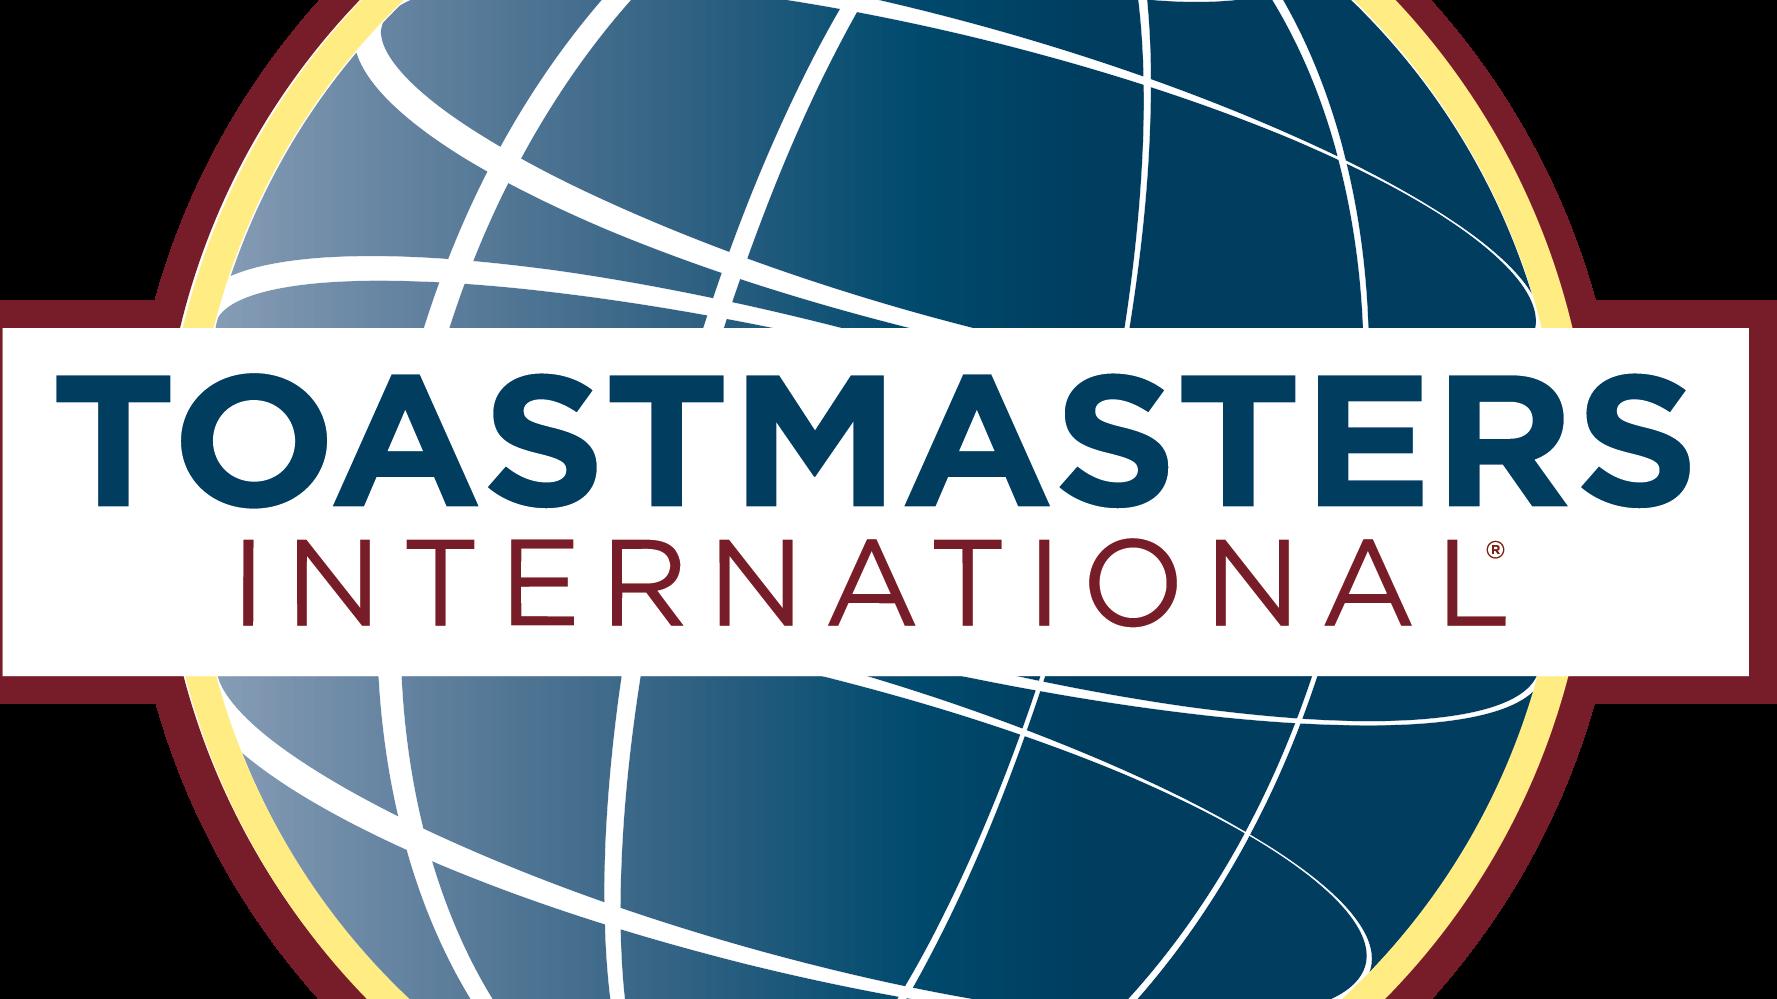 Alaskan Toastmasters Clubs